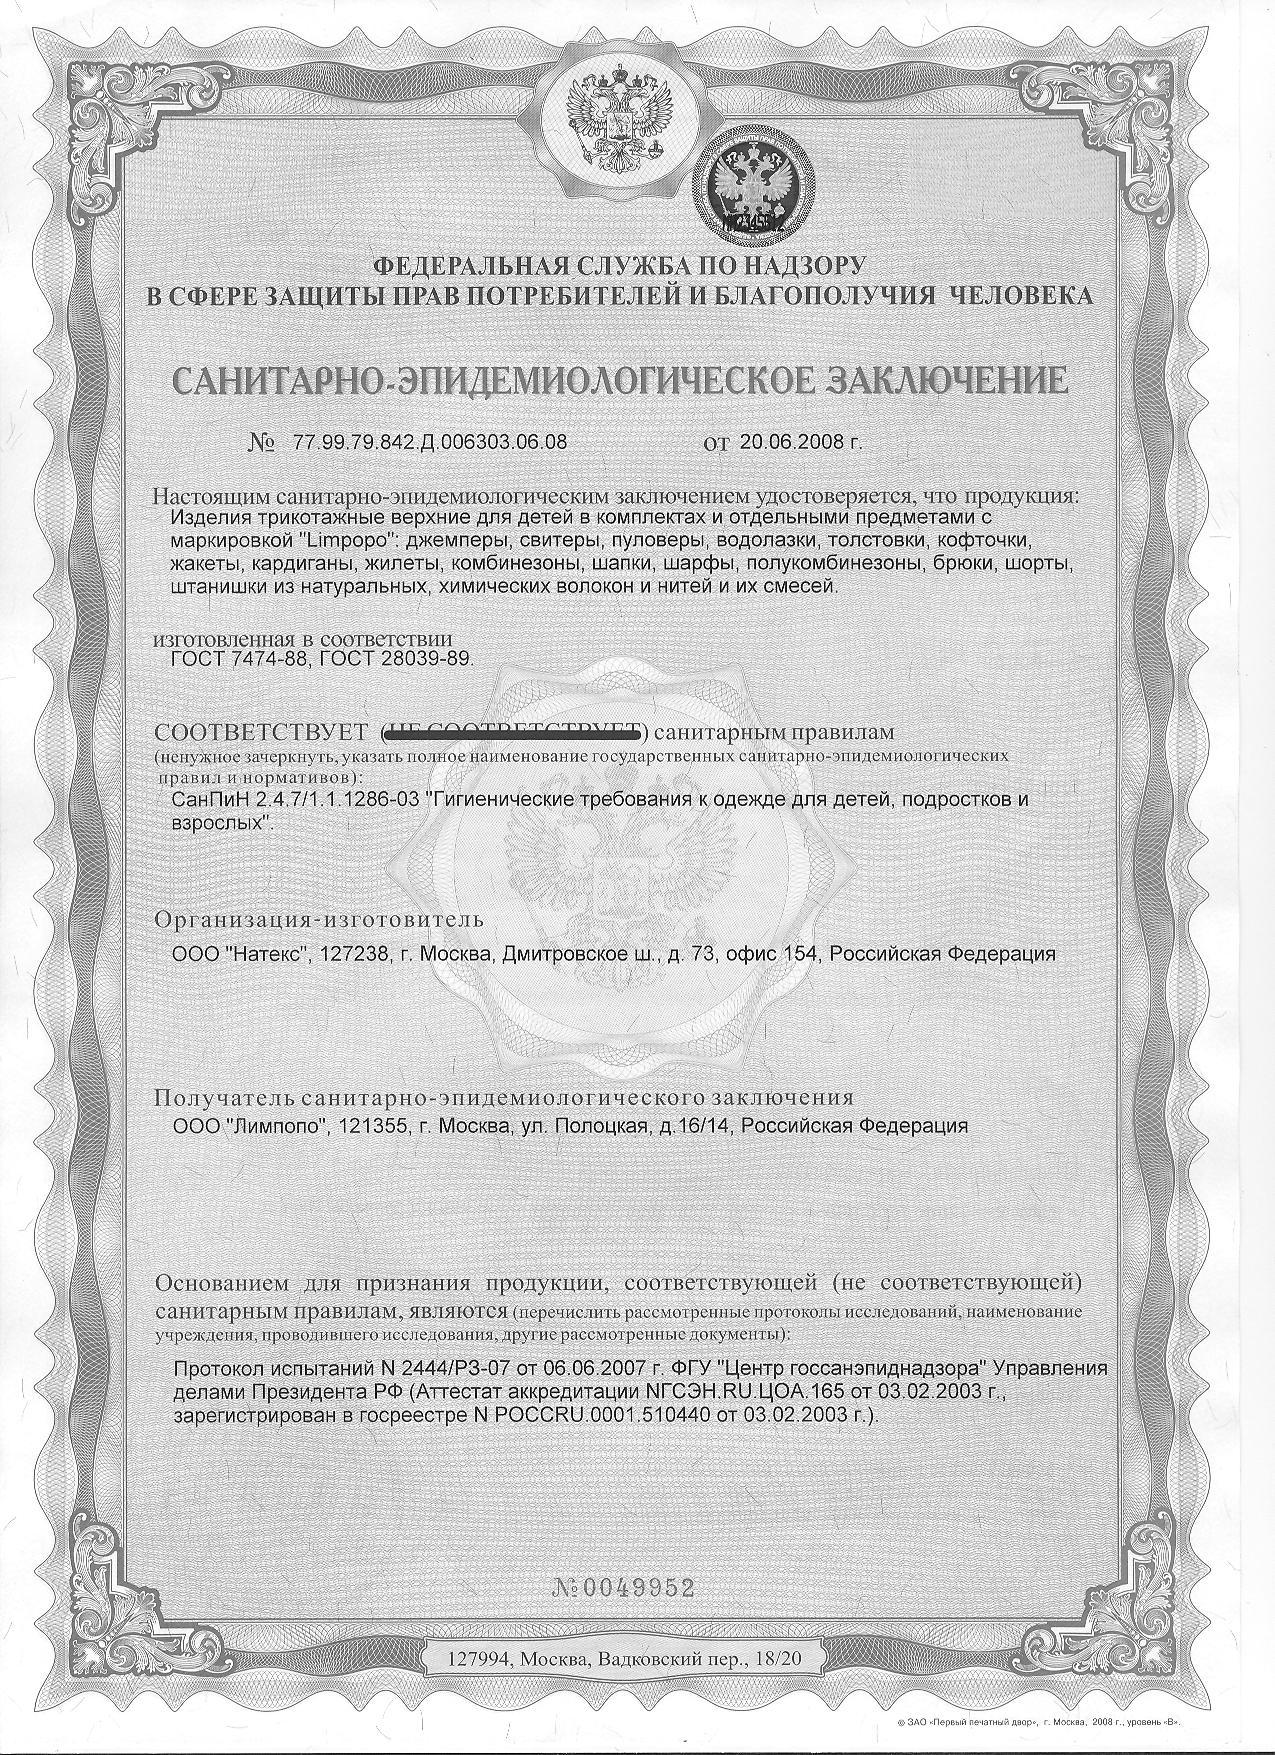 Сертификат соответствия 11